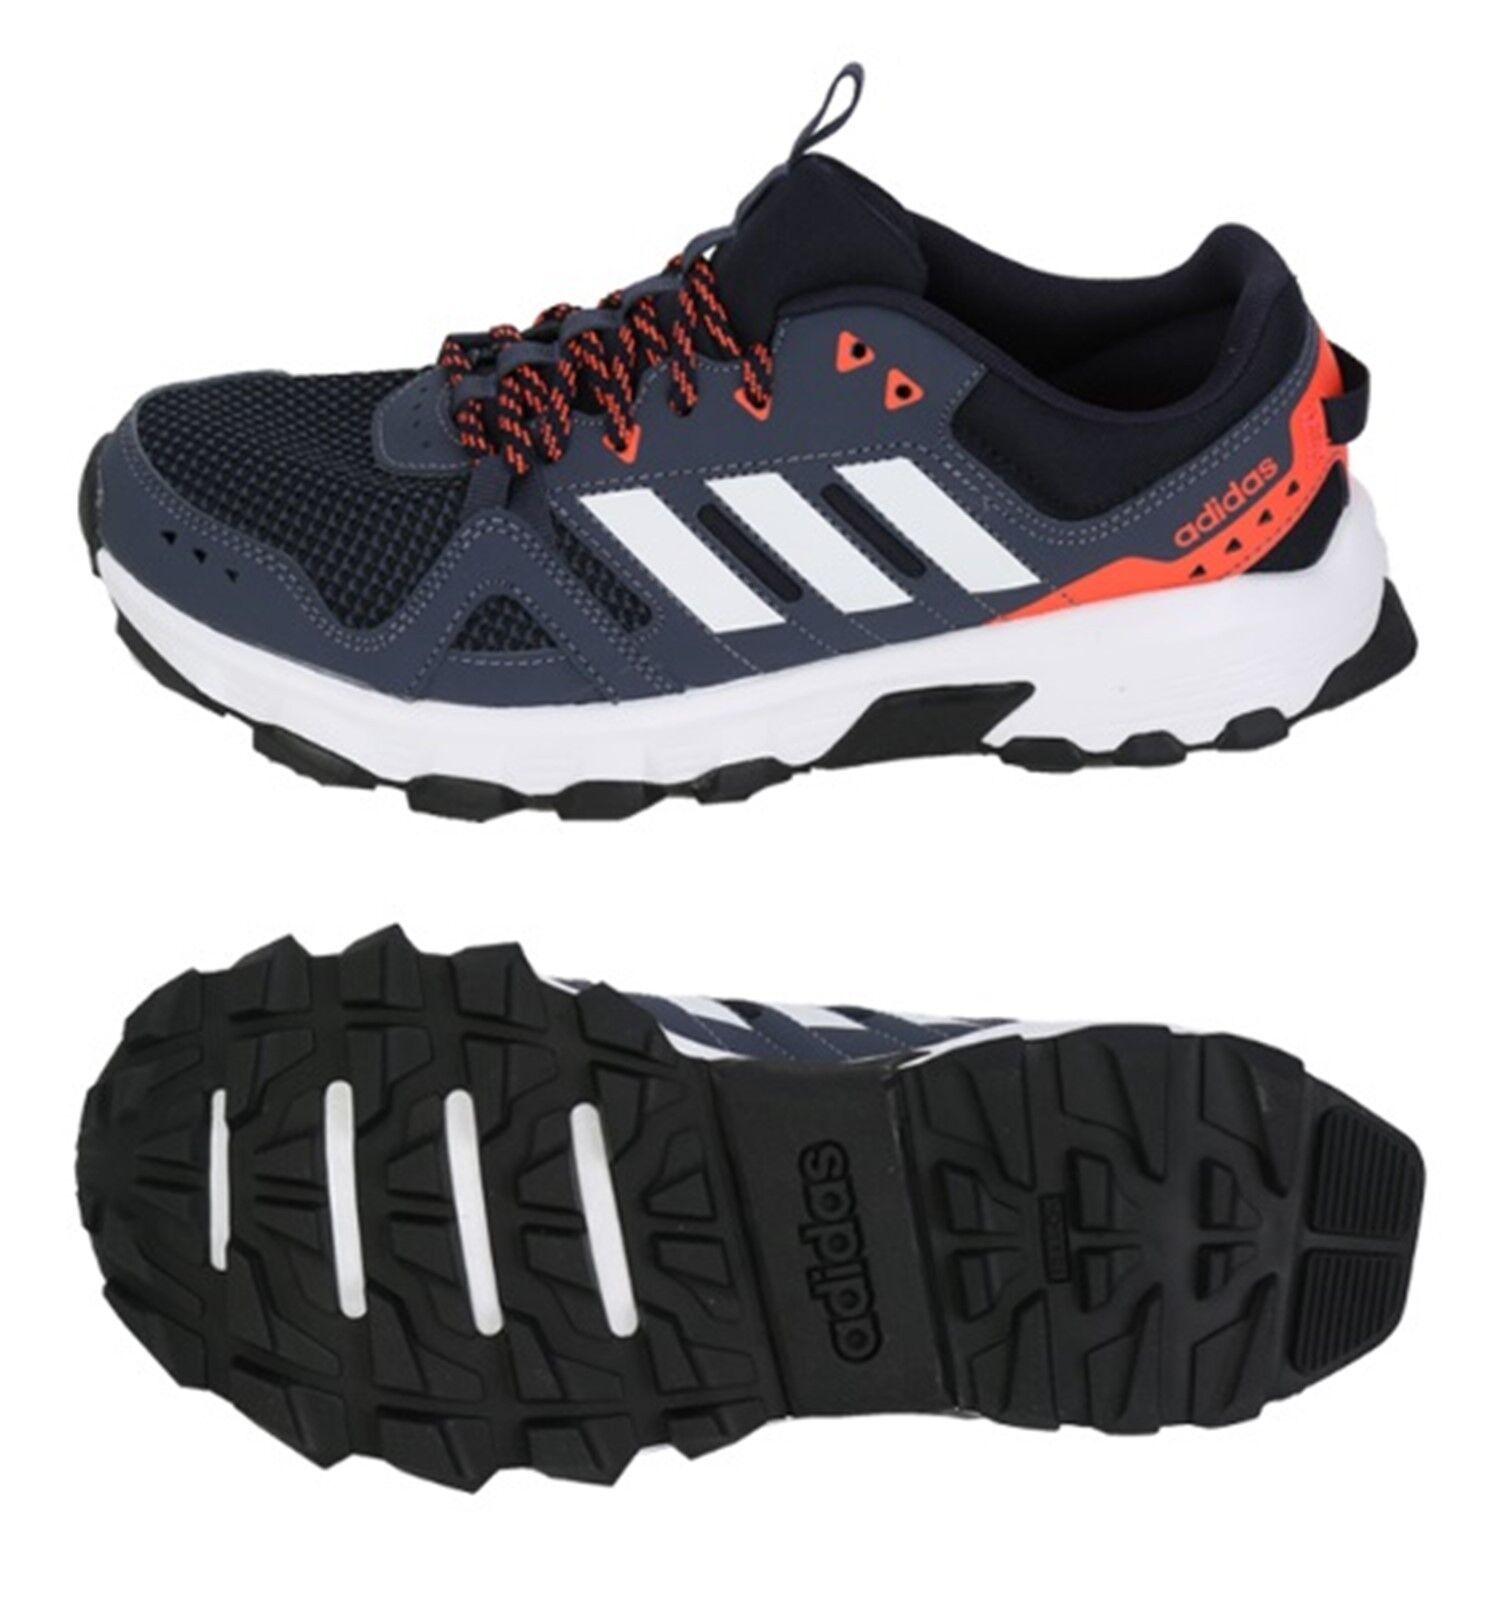 Adidas Hombres rockadia Trail Zapatos tenis de correr entrenamiento Azul  Marino Negro Zapato B43685  tienda hace compras y ventas